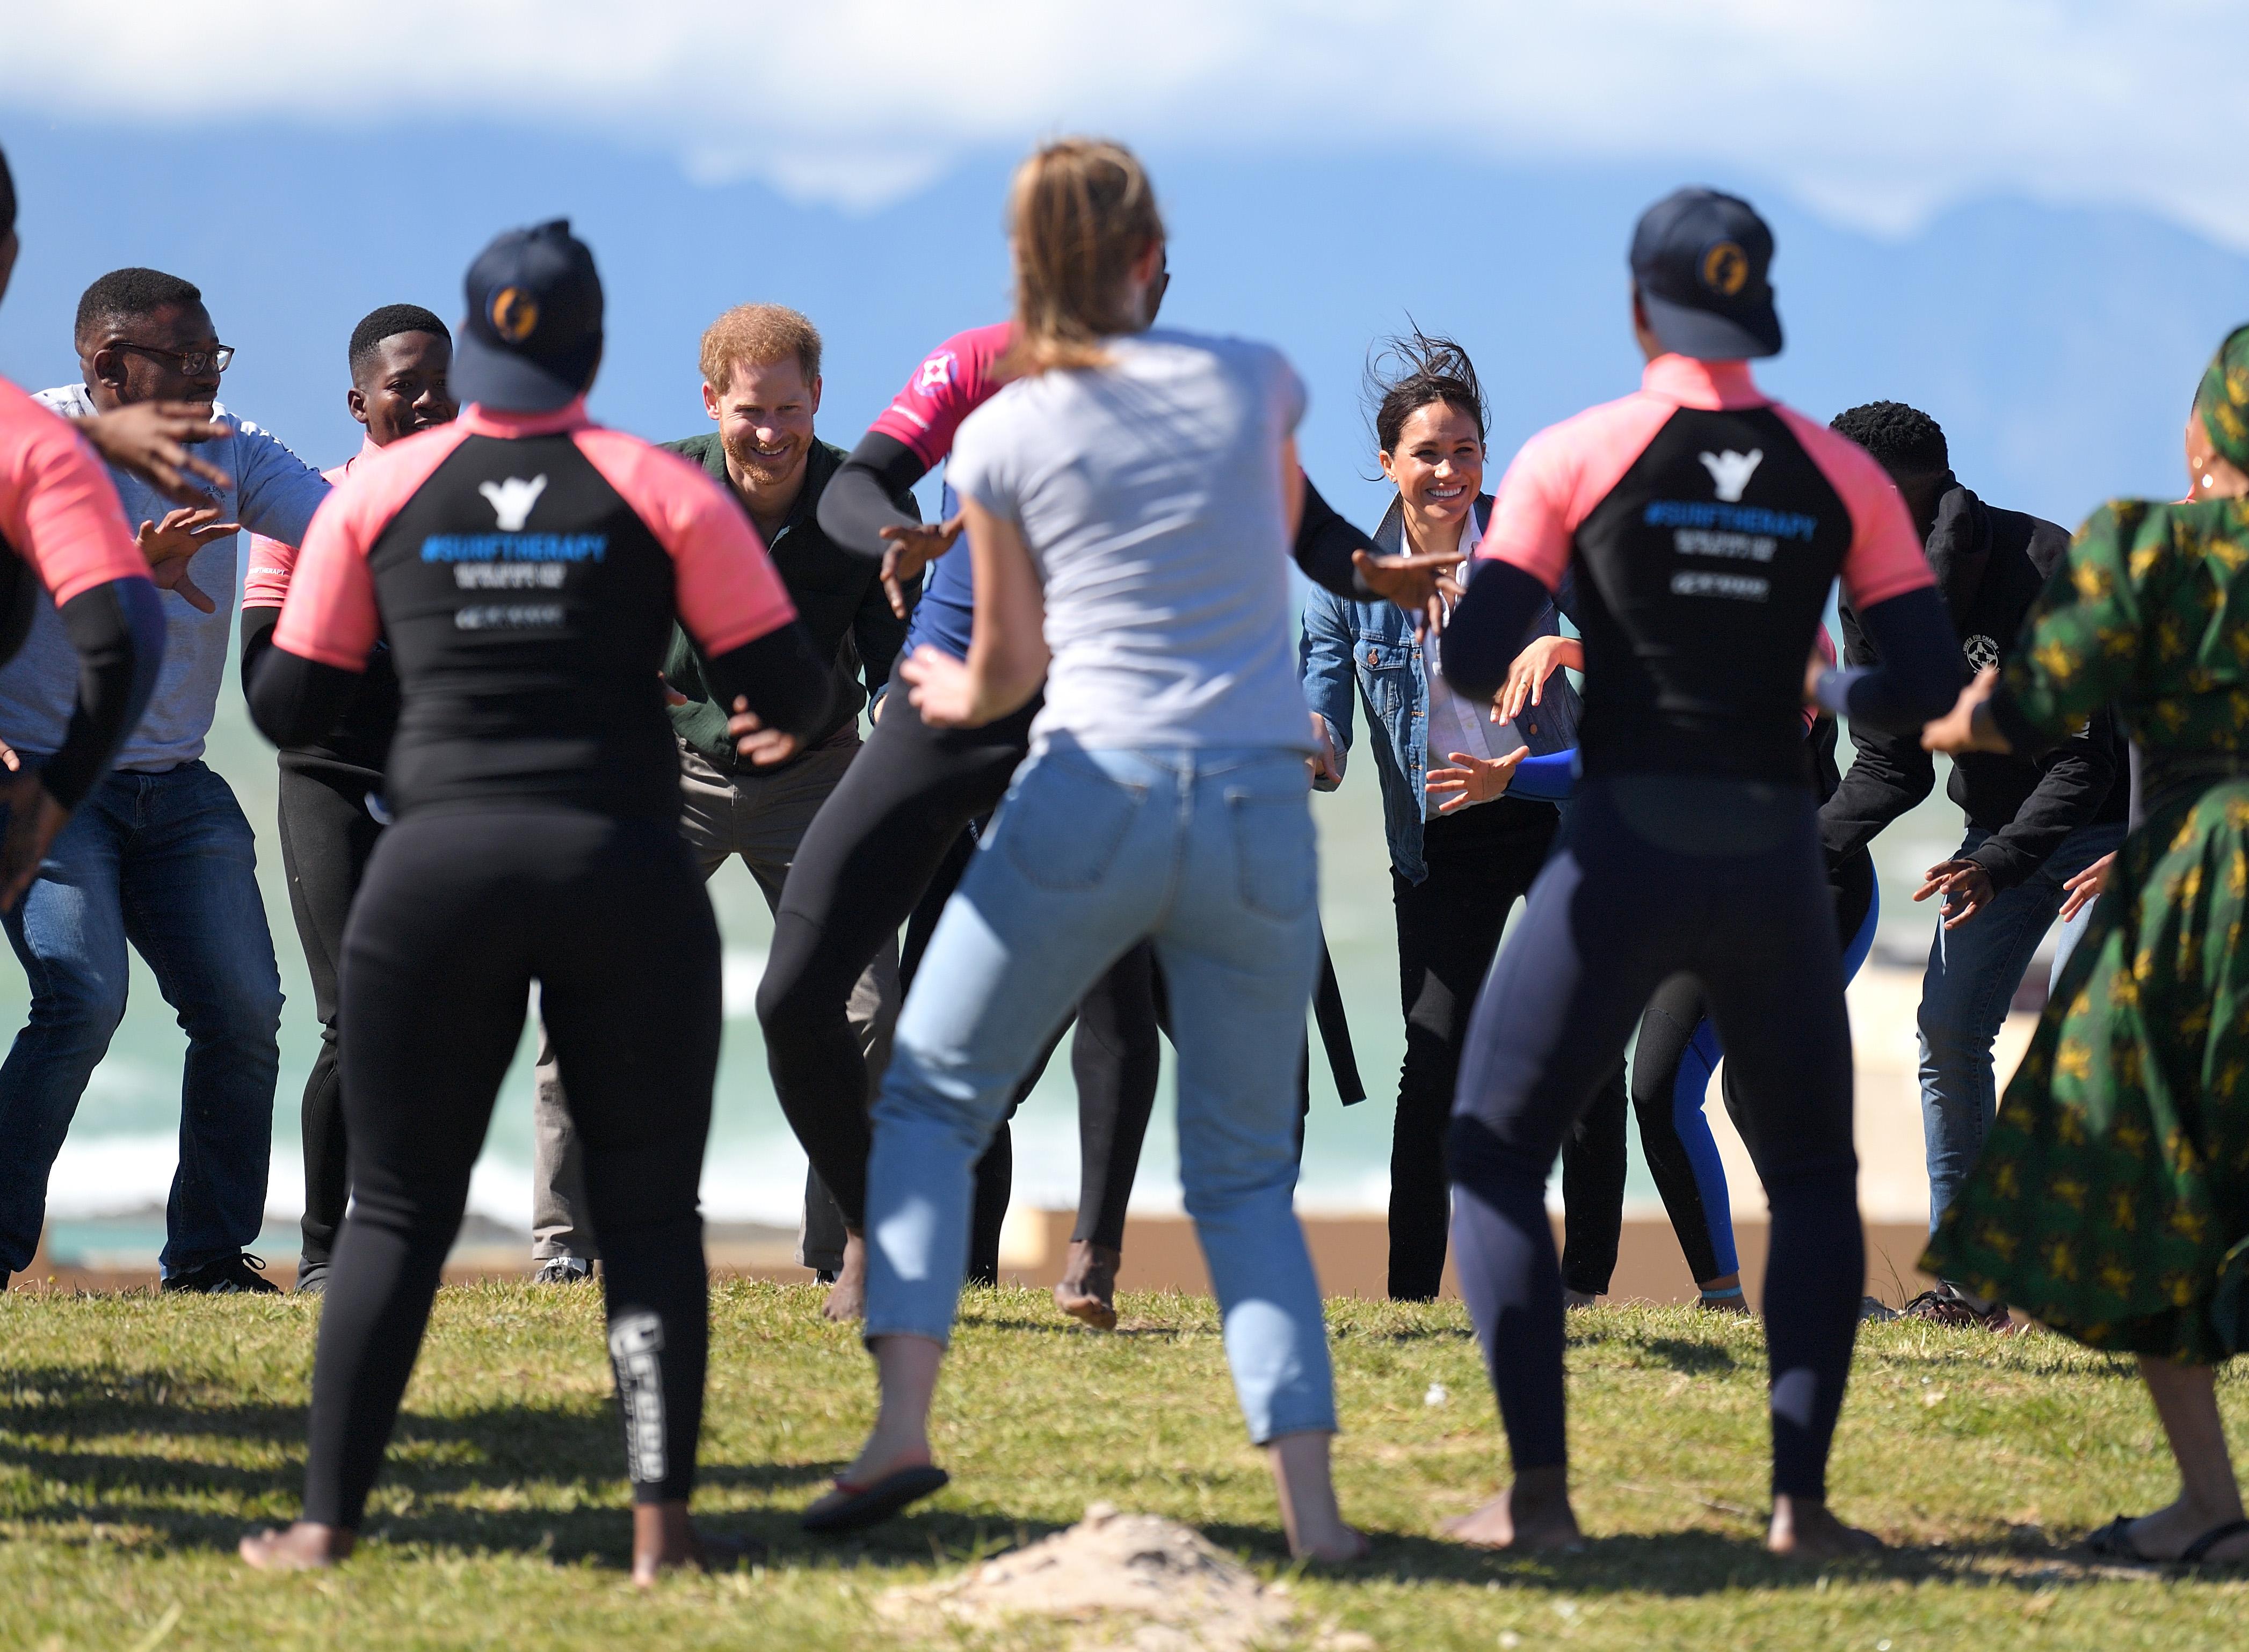 Fitness randki afryka południowa